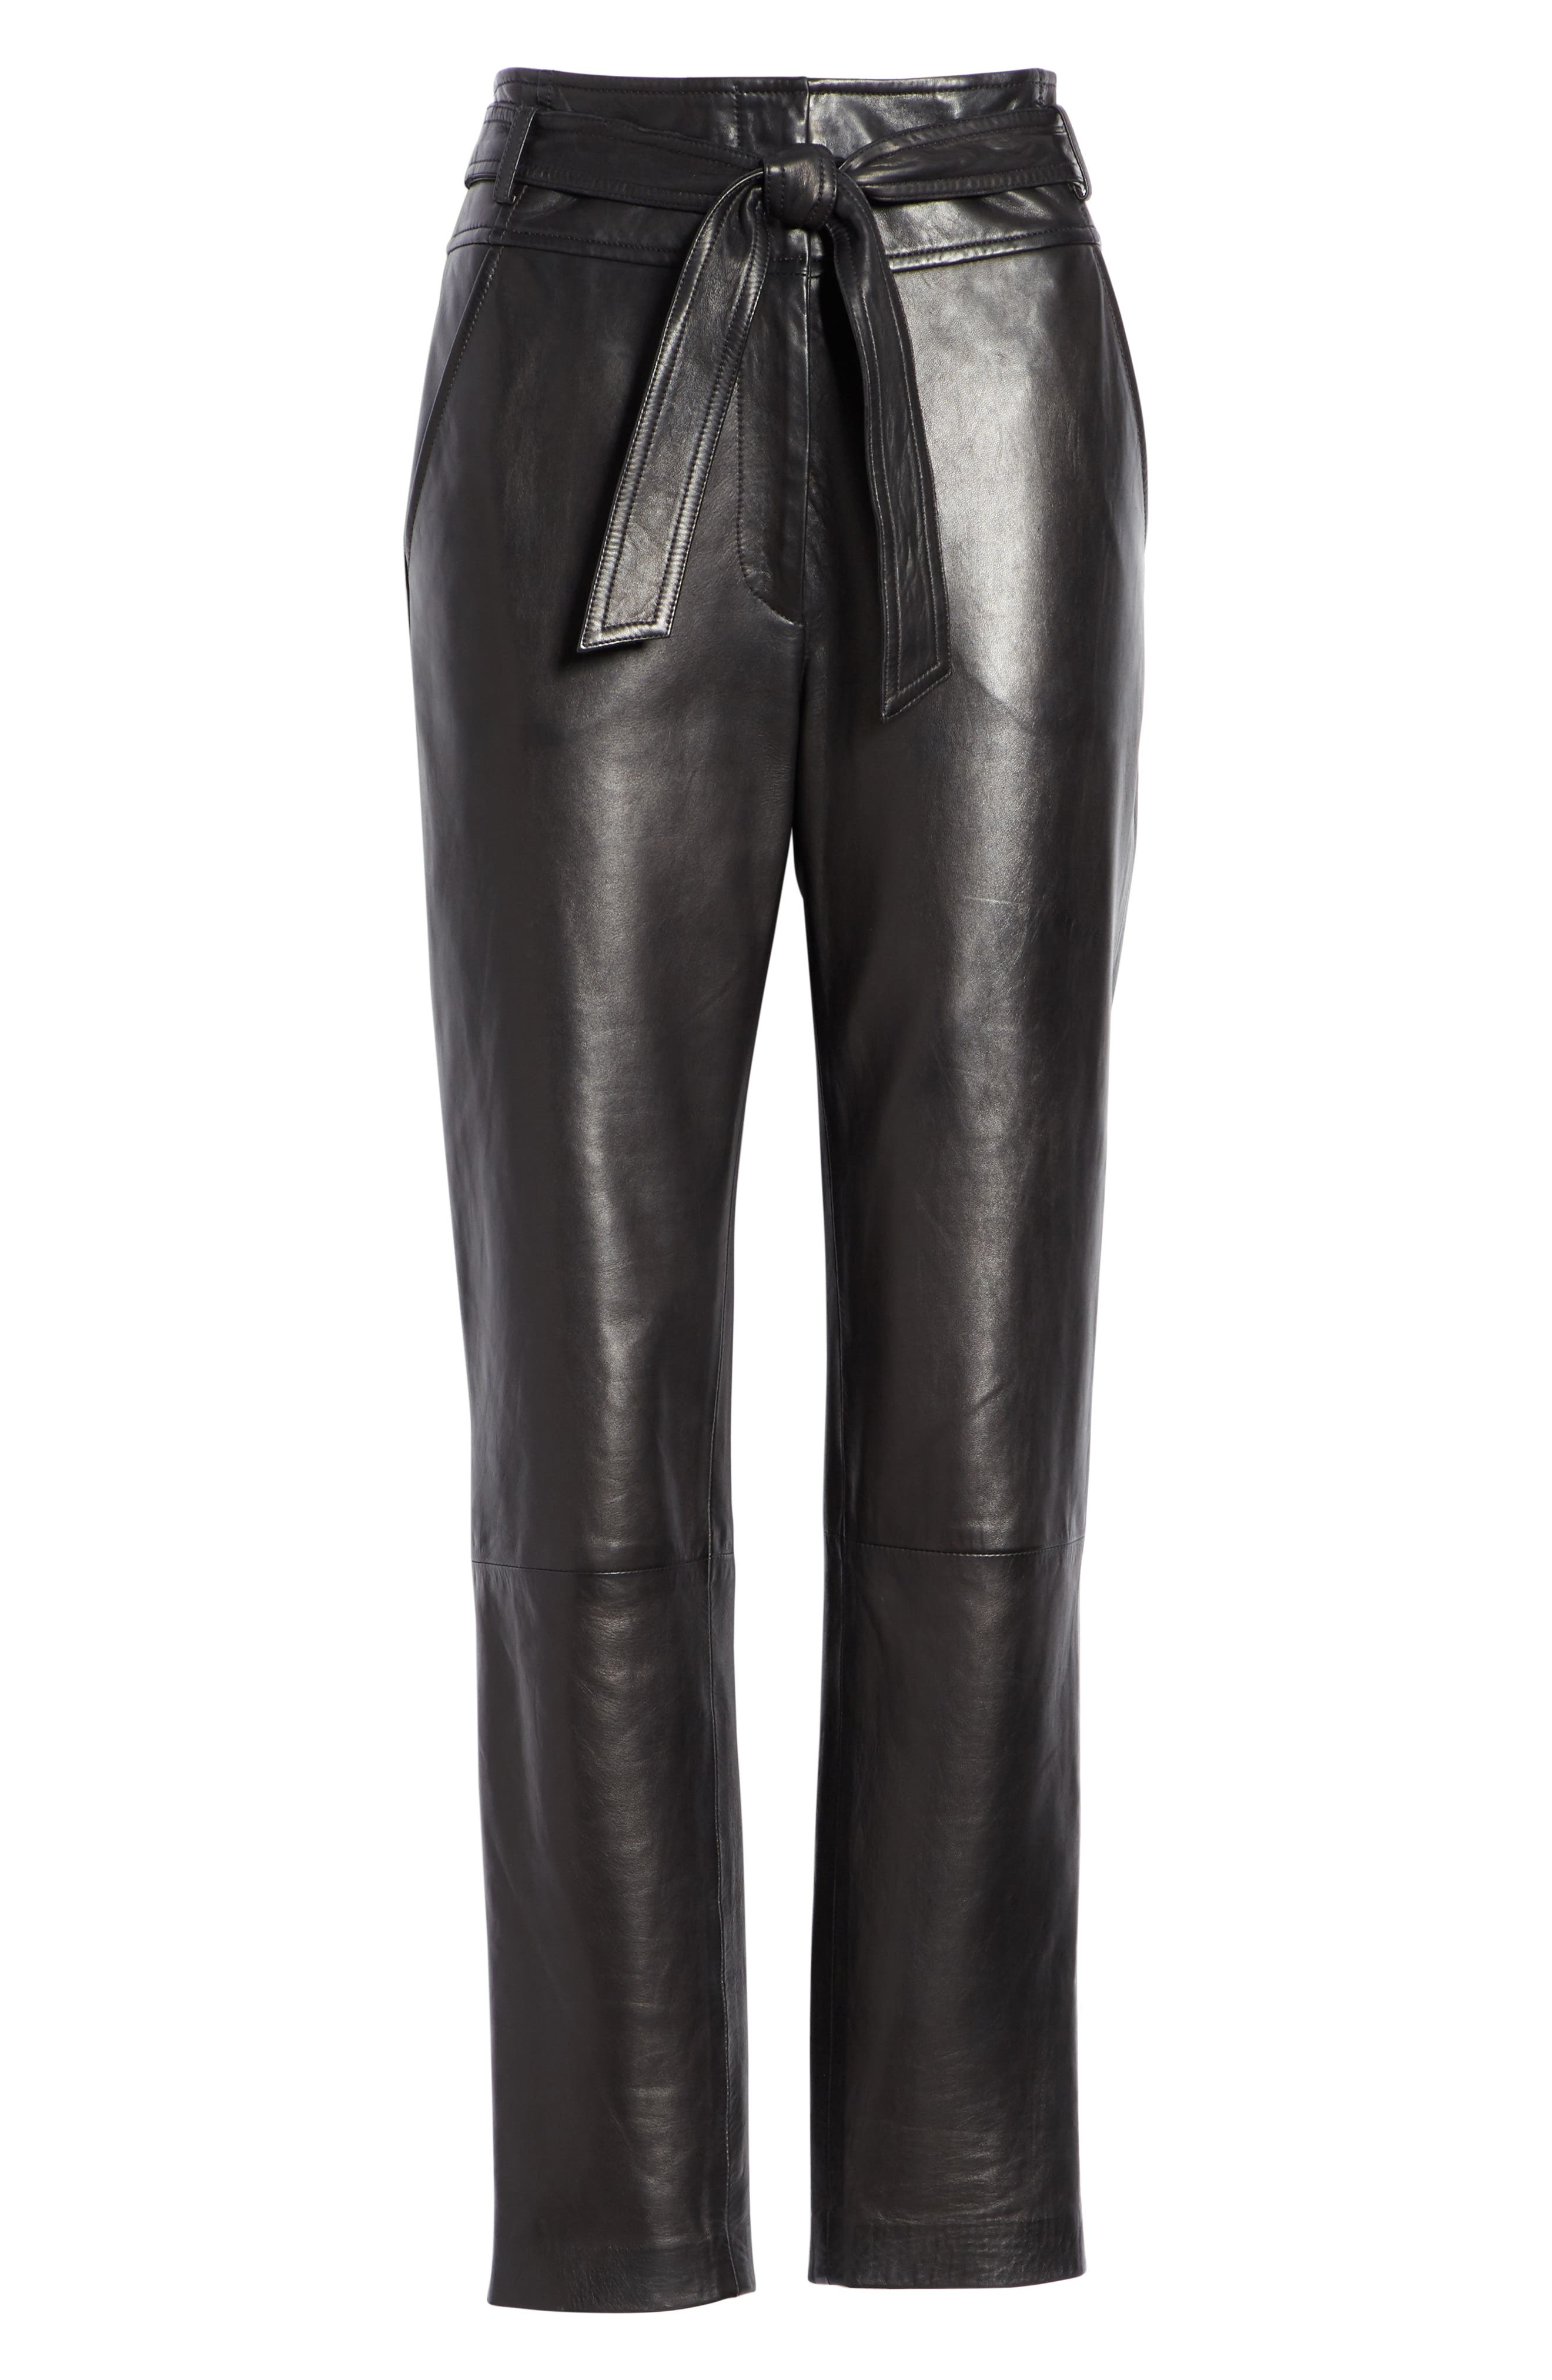 Faxon Leather Pants,                             Alternate thumbnail 6, color,                             001